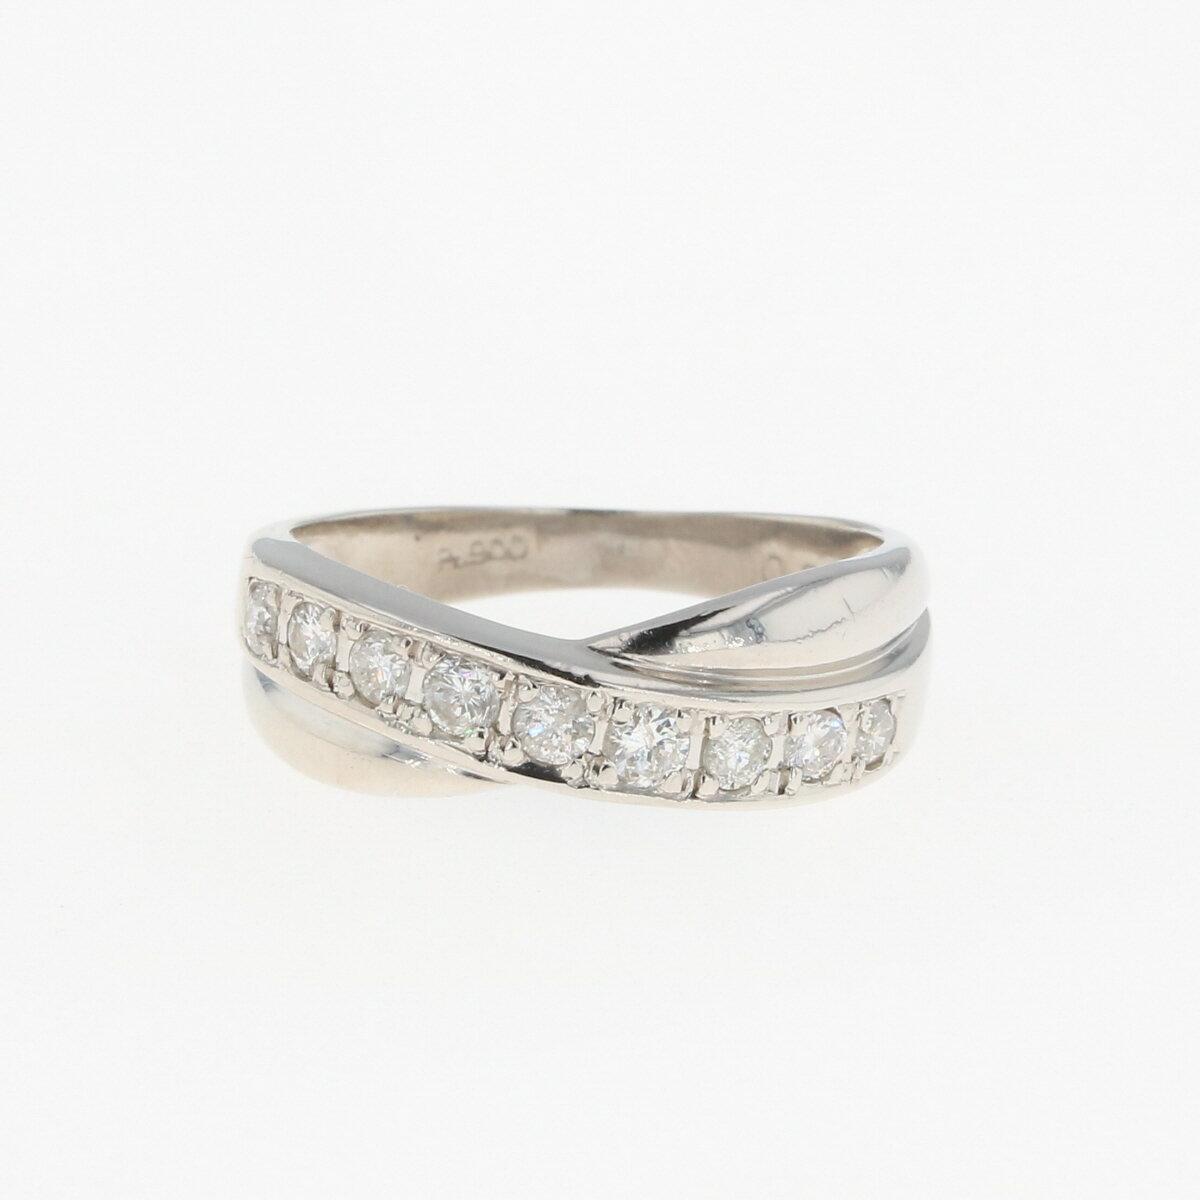 レディースジュエリー・アクセサリー, 指輪・リング  8 Pt900